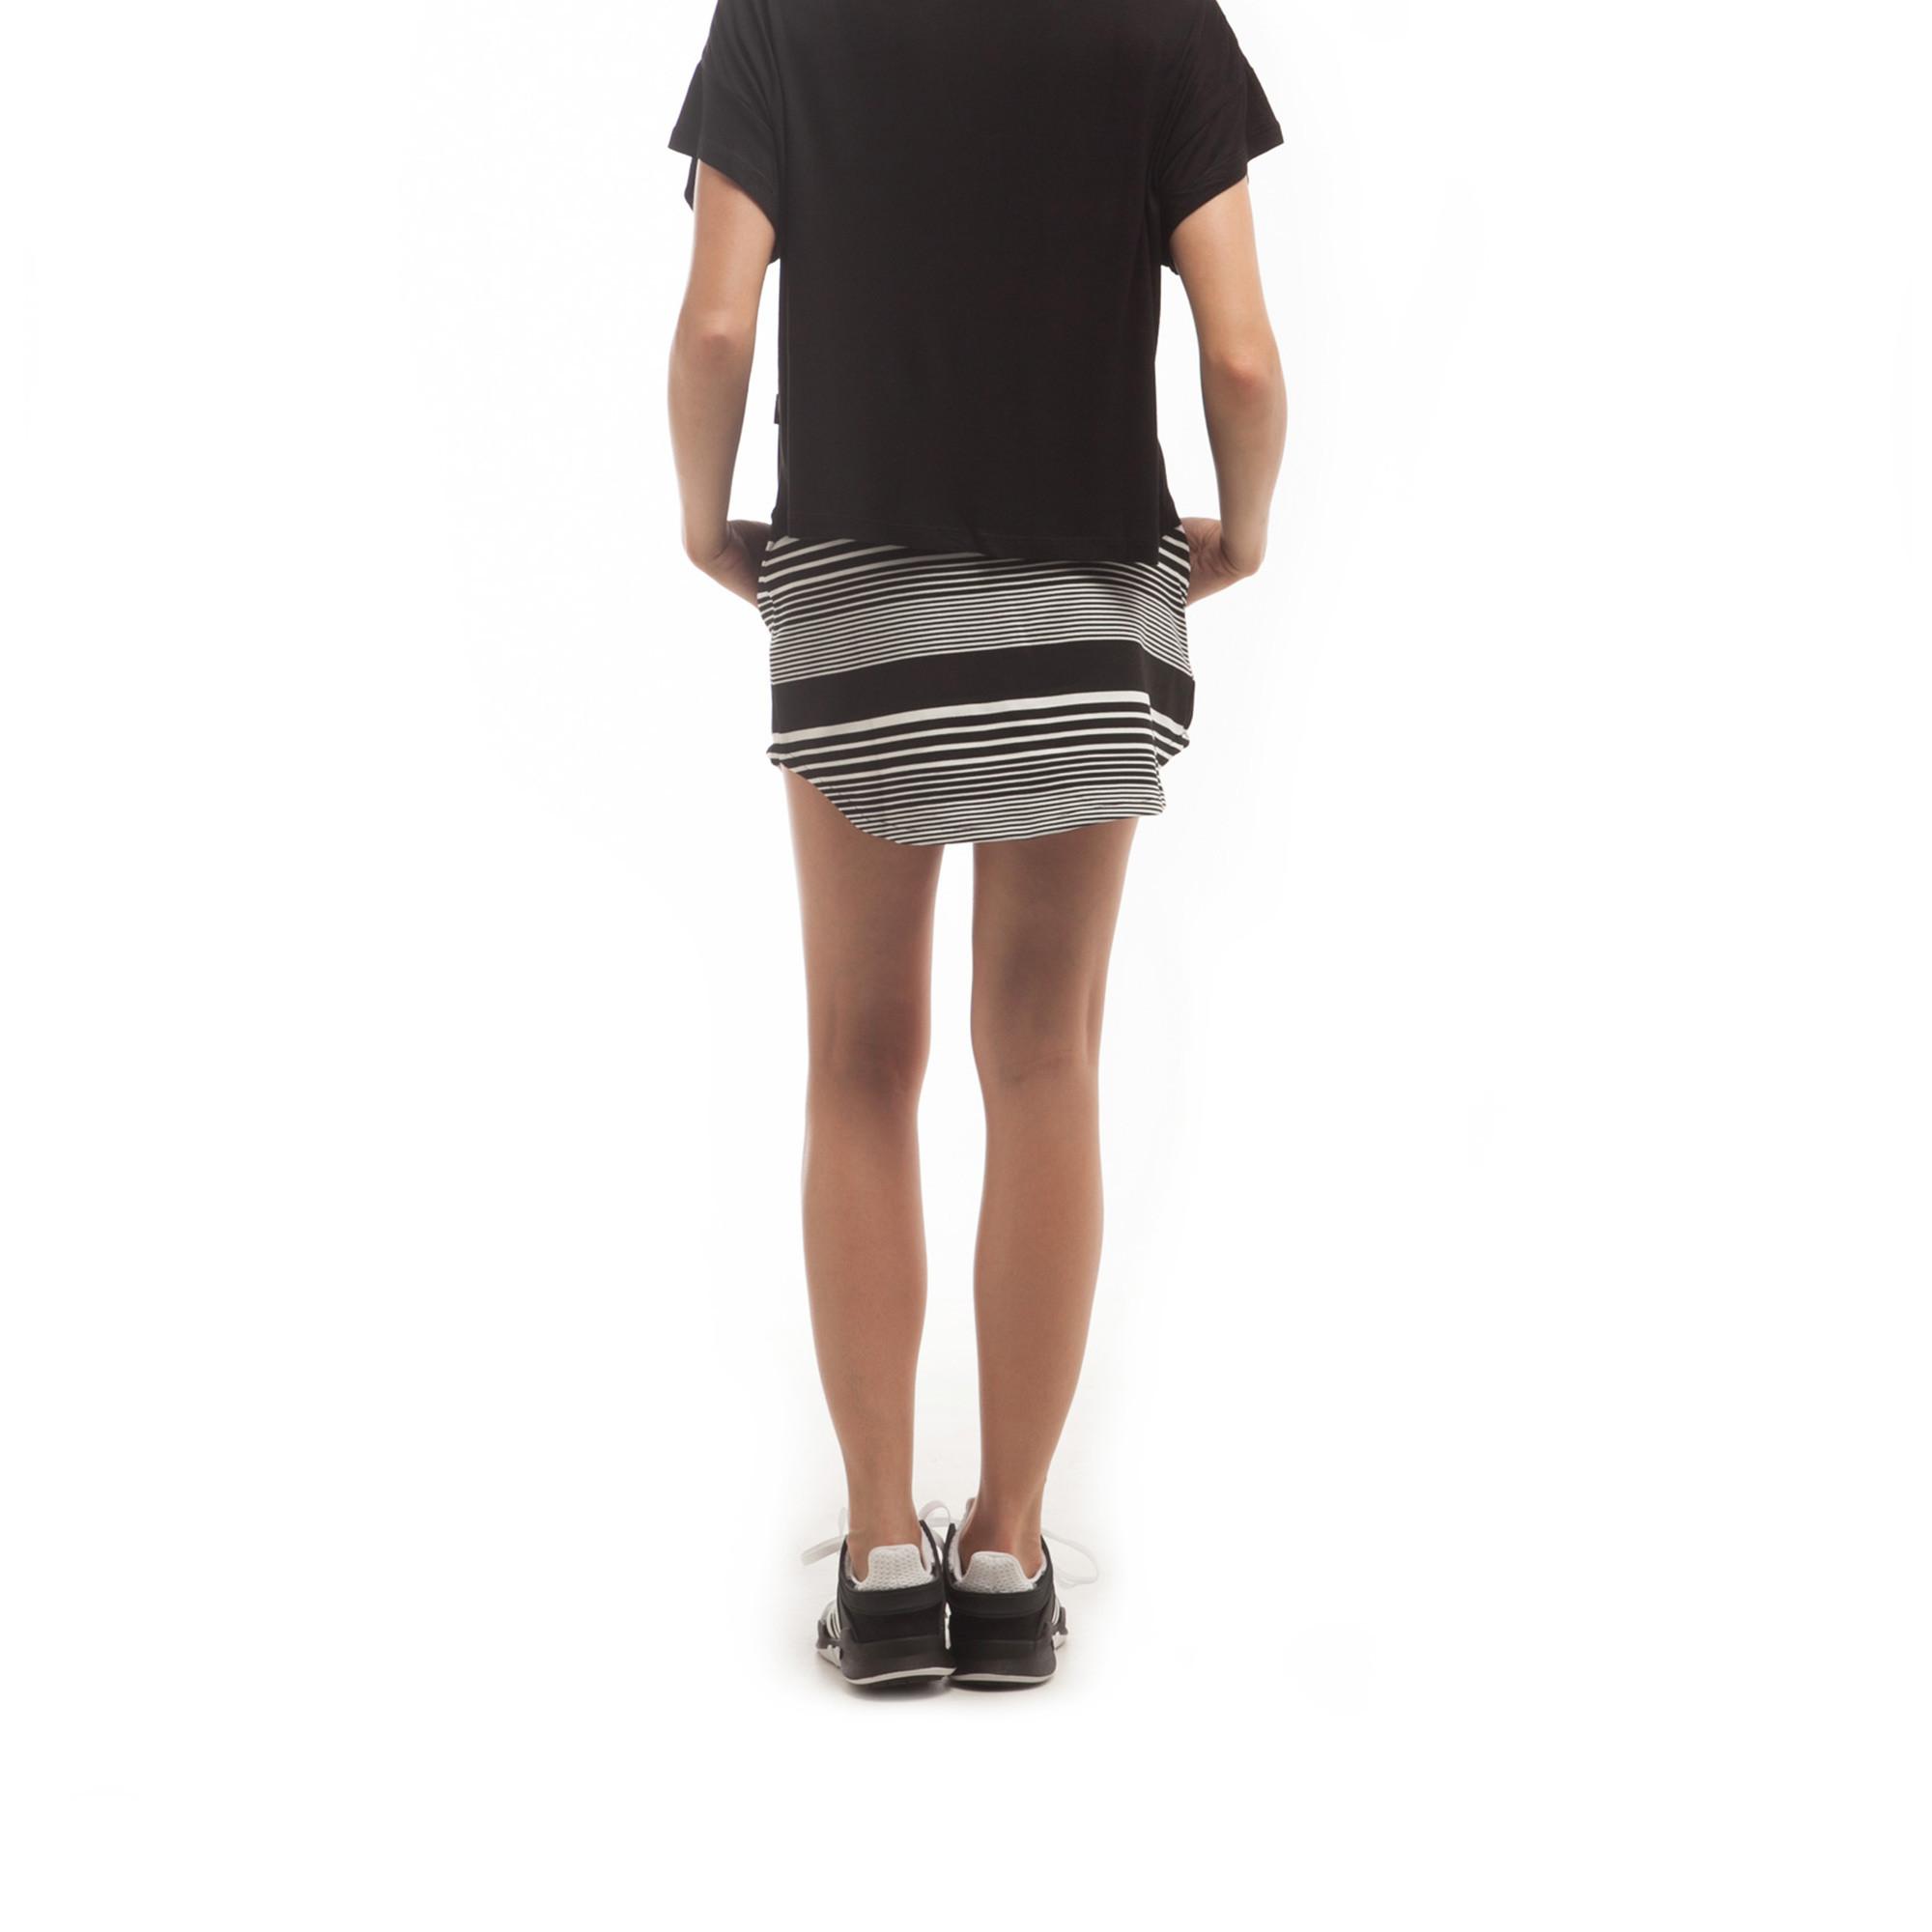 【PUBLISH BRAND/パブリッシュブランド】VICKIE スカート / BLACK